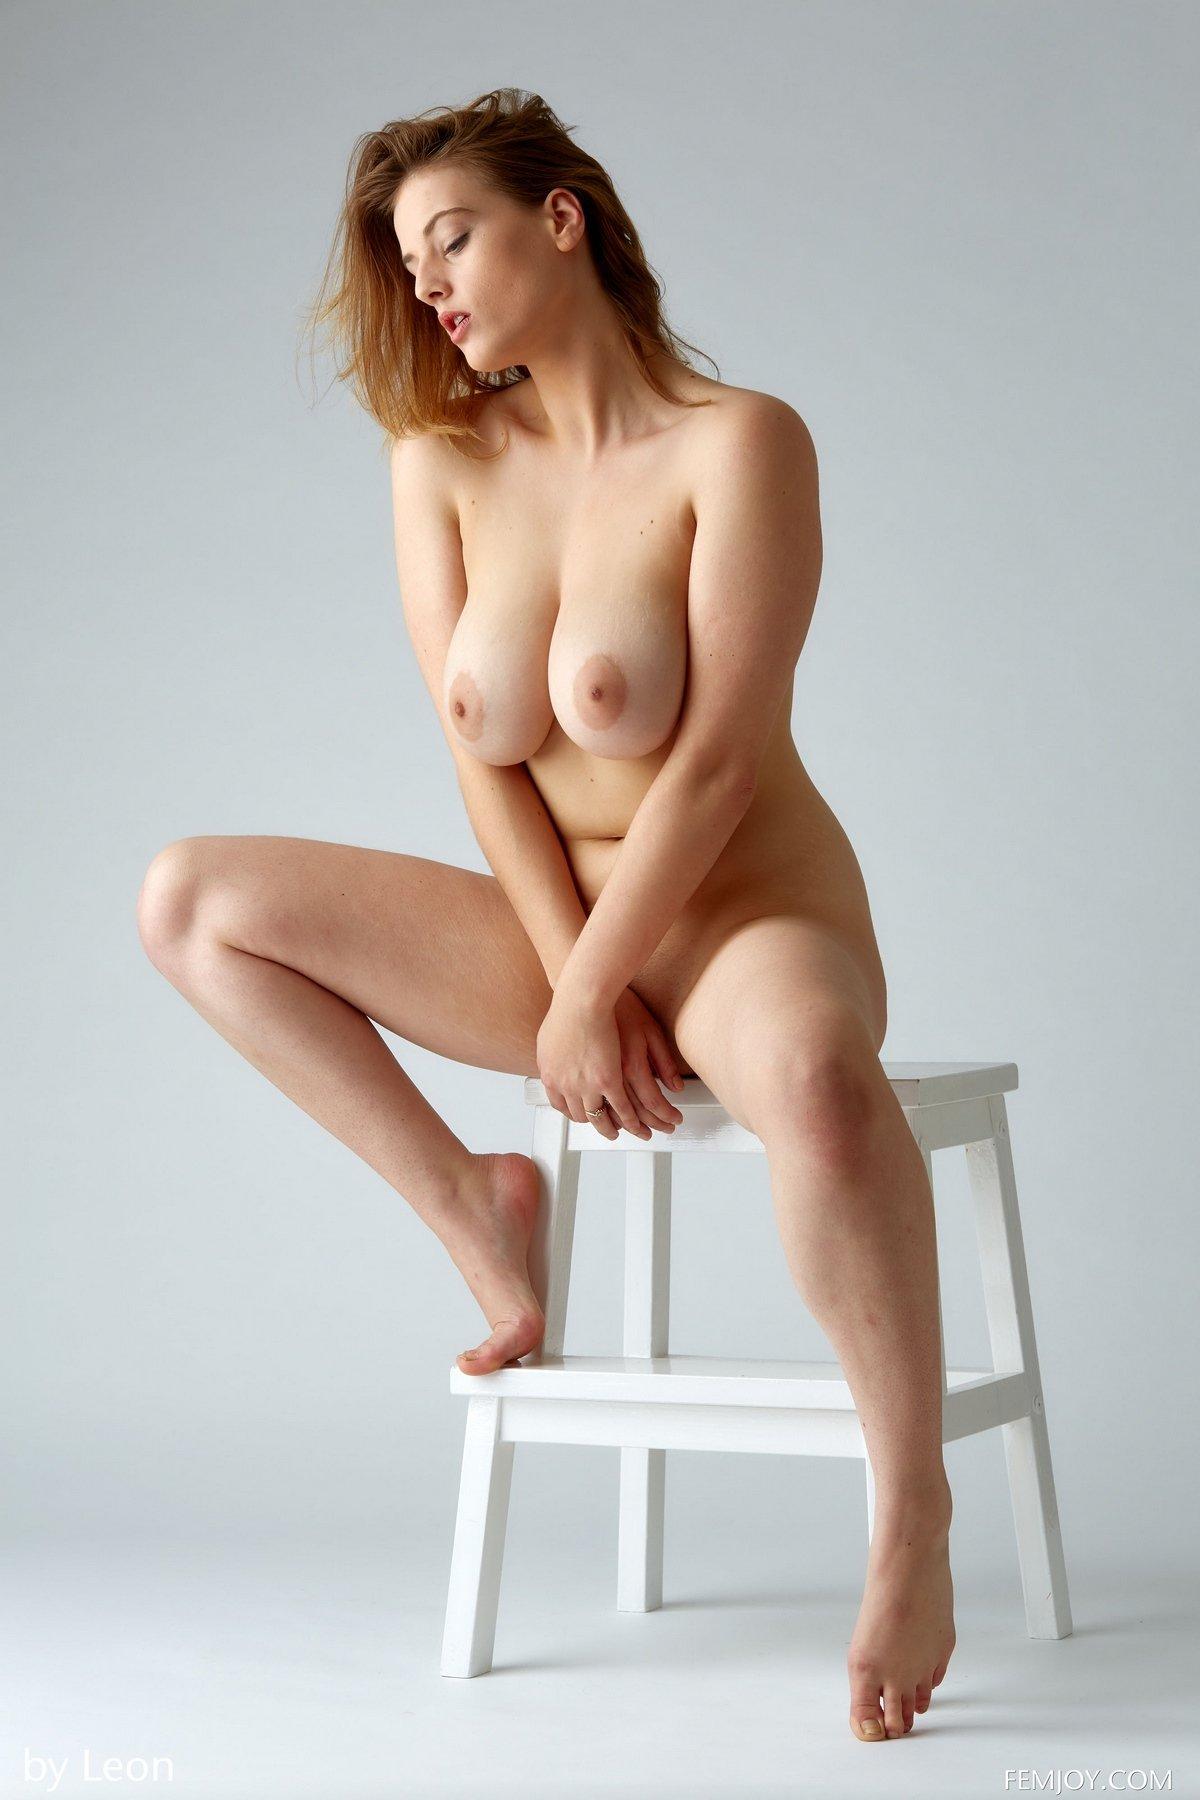 Яркая рыжеволосая модель с огромными сиськами